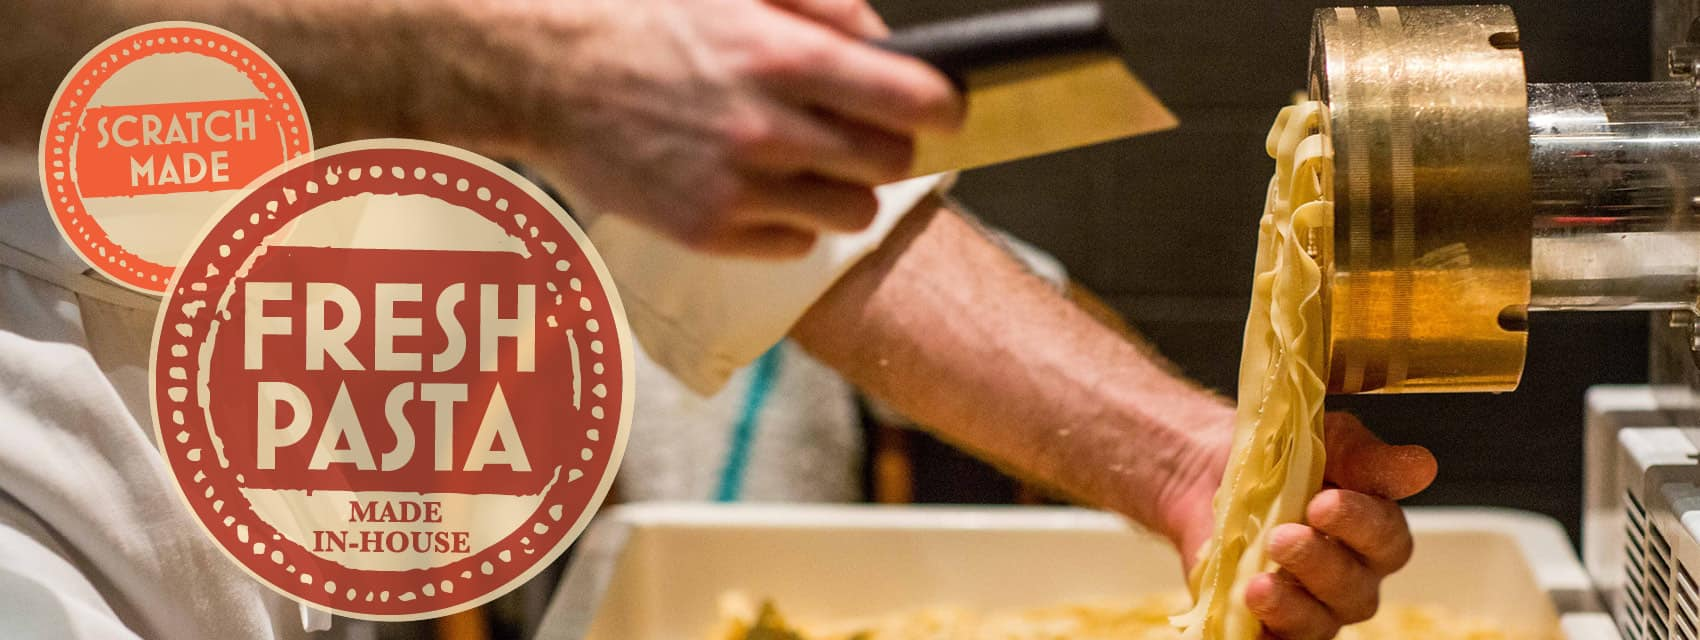 Scaddabush Italian Kitchen & Bar - Scratch Made, Fresh Pasta